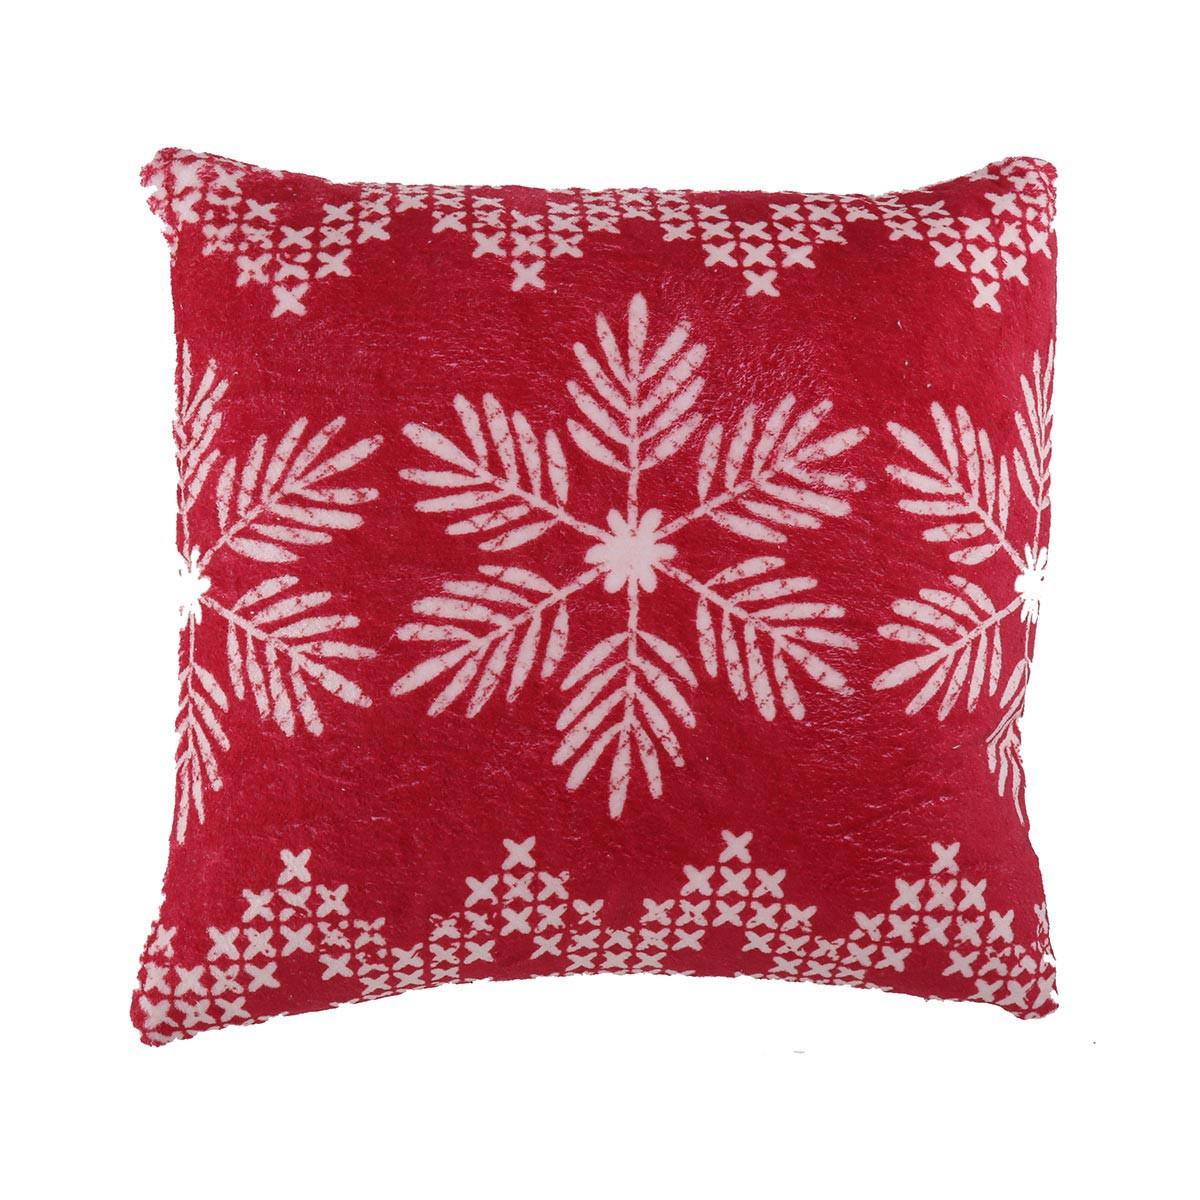 Χριστουγεννιάτικο Διακοσμητικό Μαξιλάρι (45×45) Nef-Nef Greeting